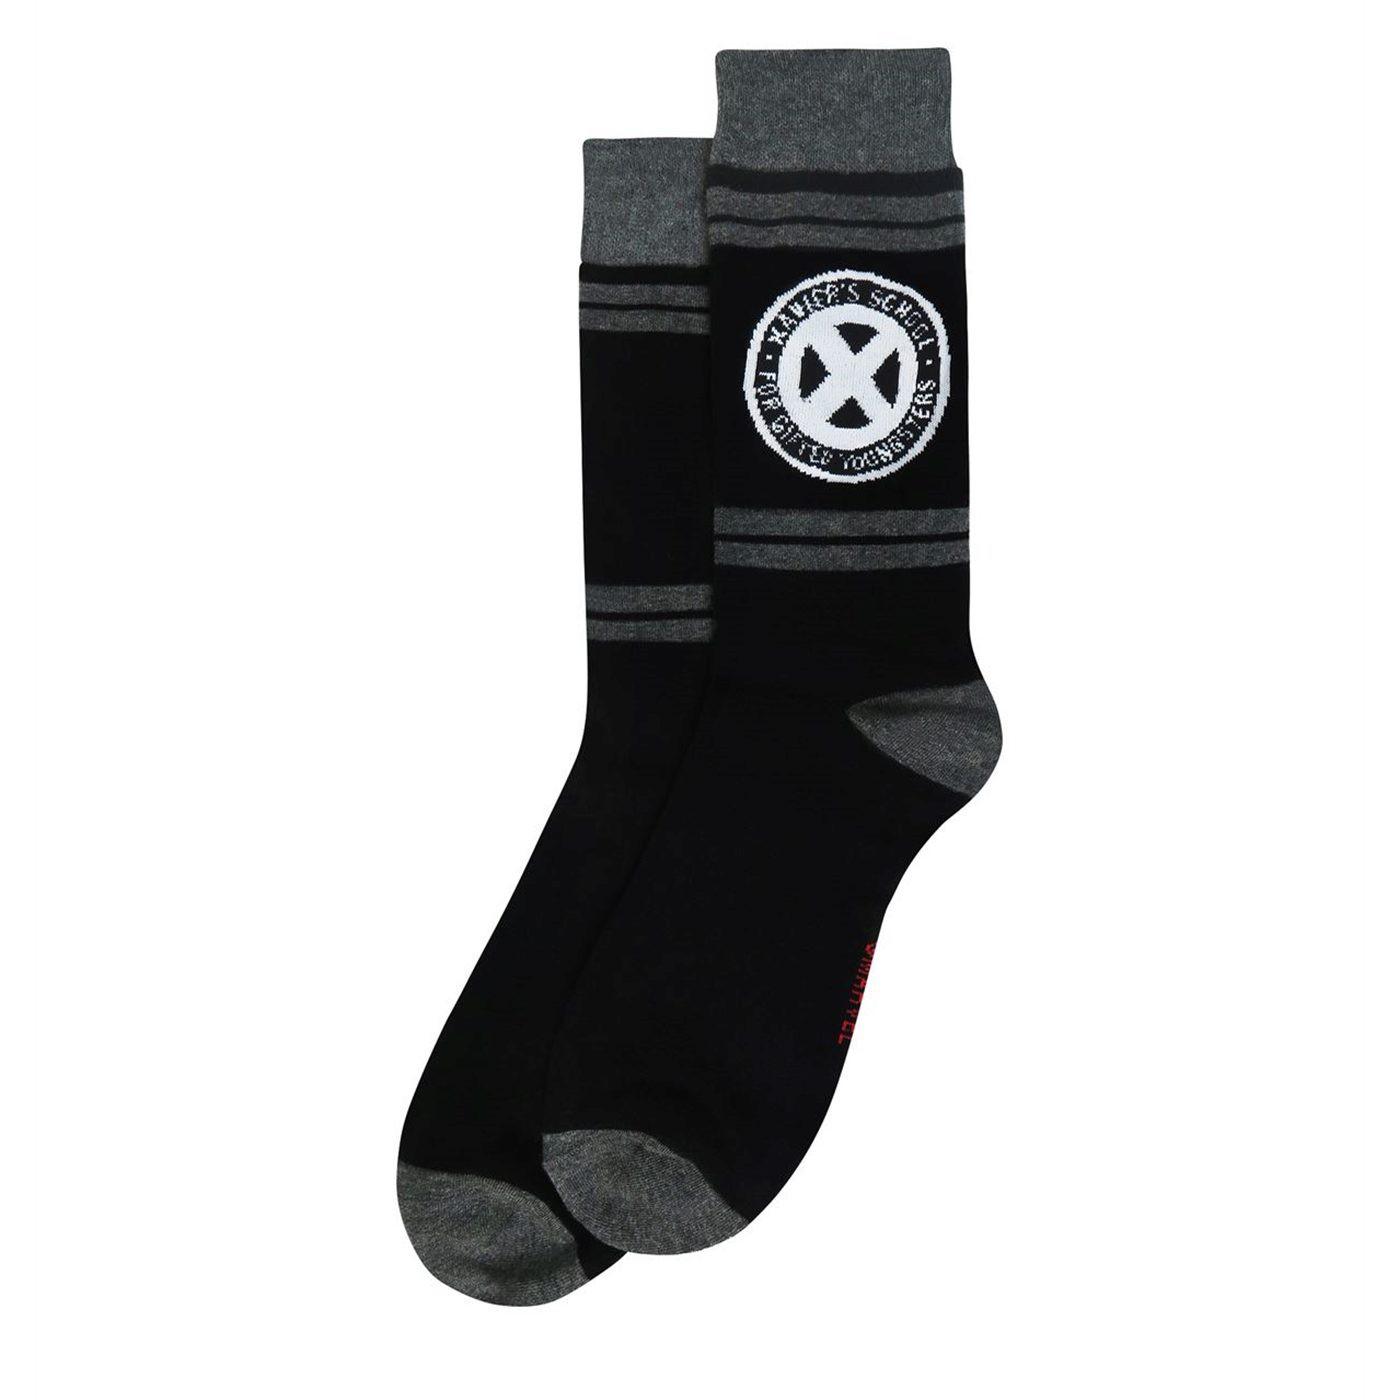 X-Men Mutant and Proud Sock 2 Pack